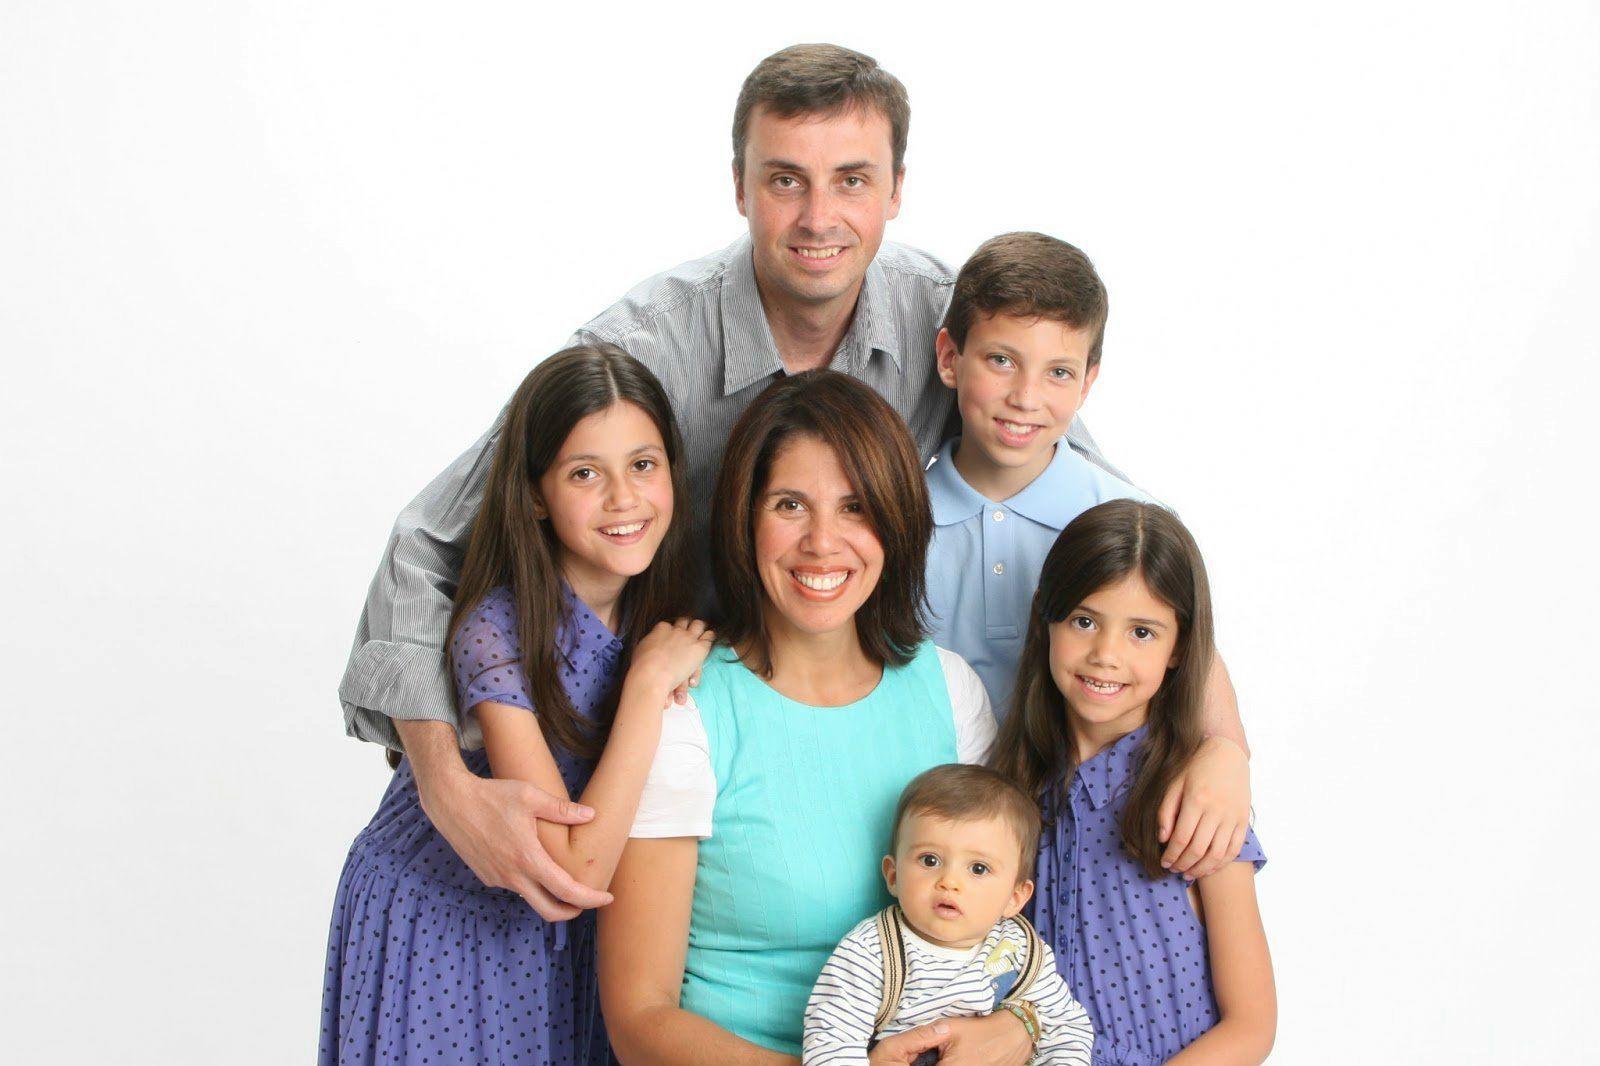 img_0009-happy-family